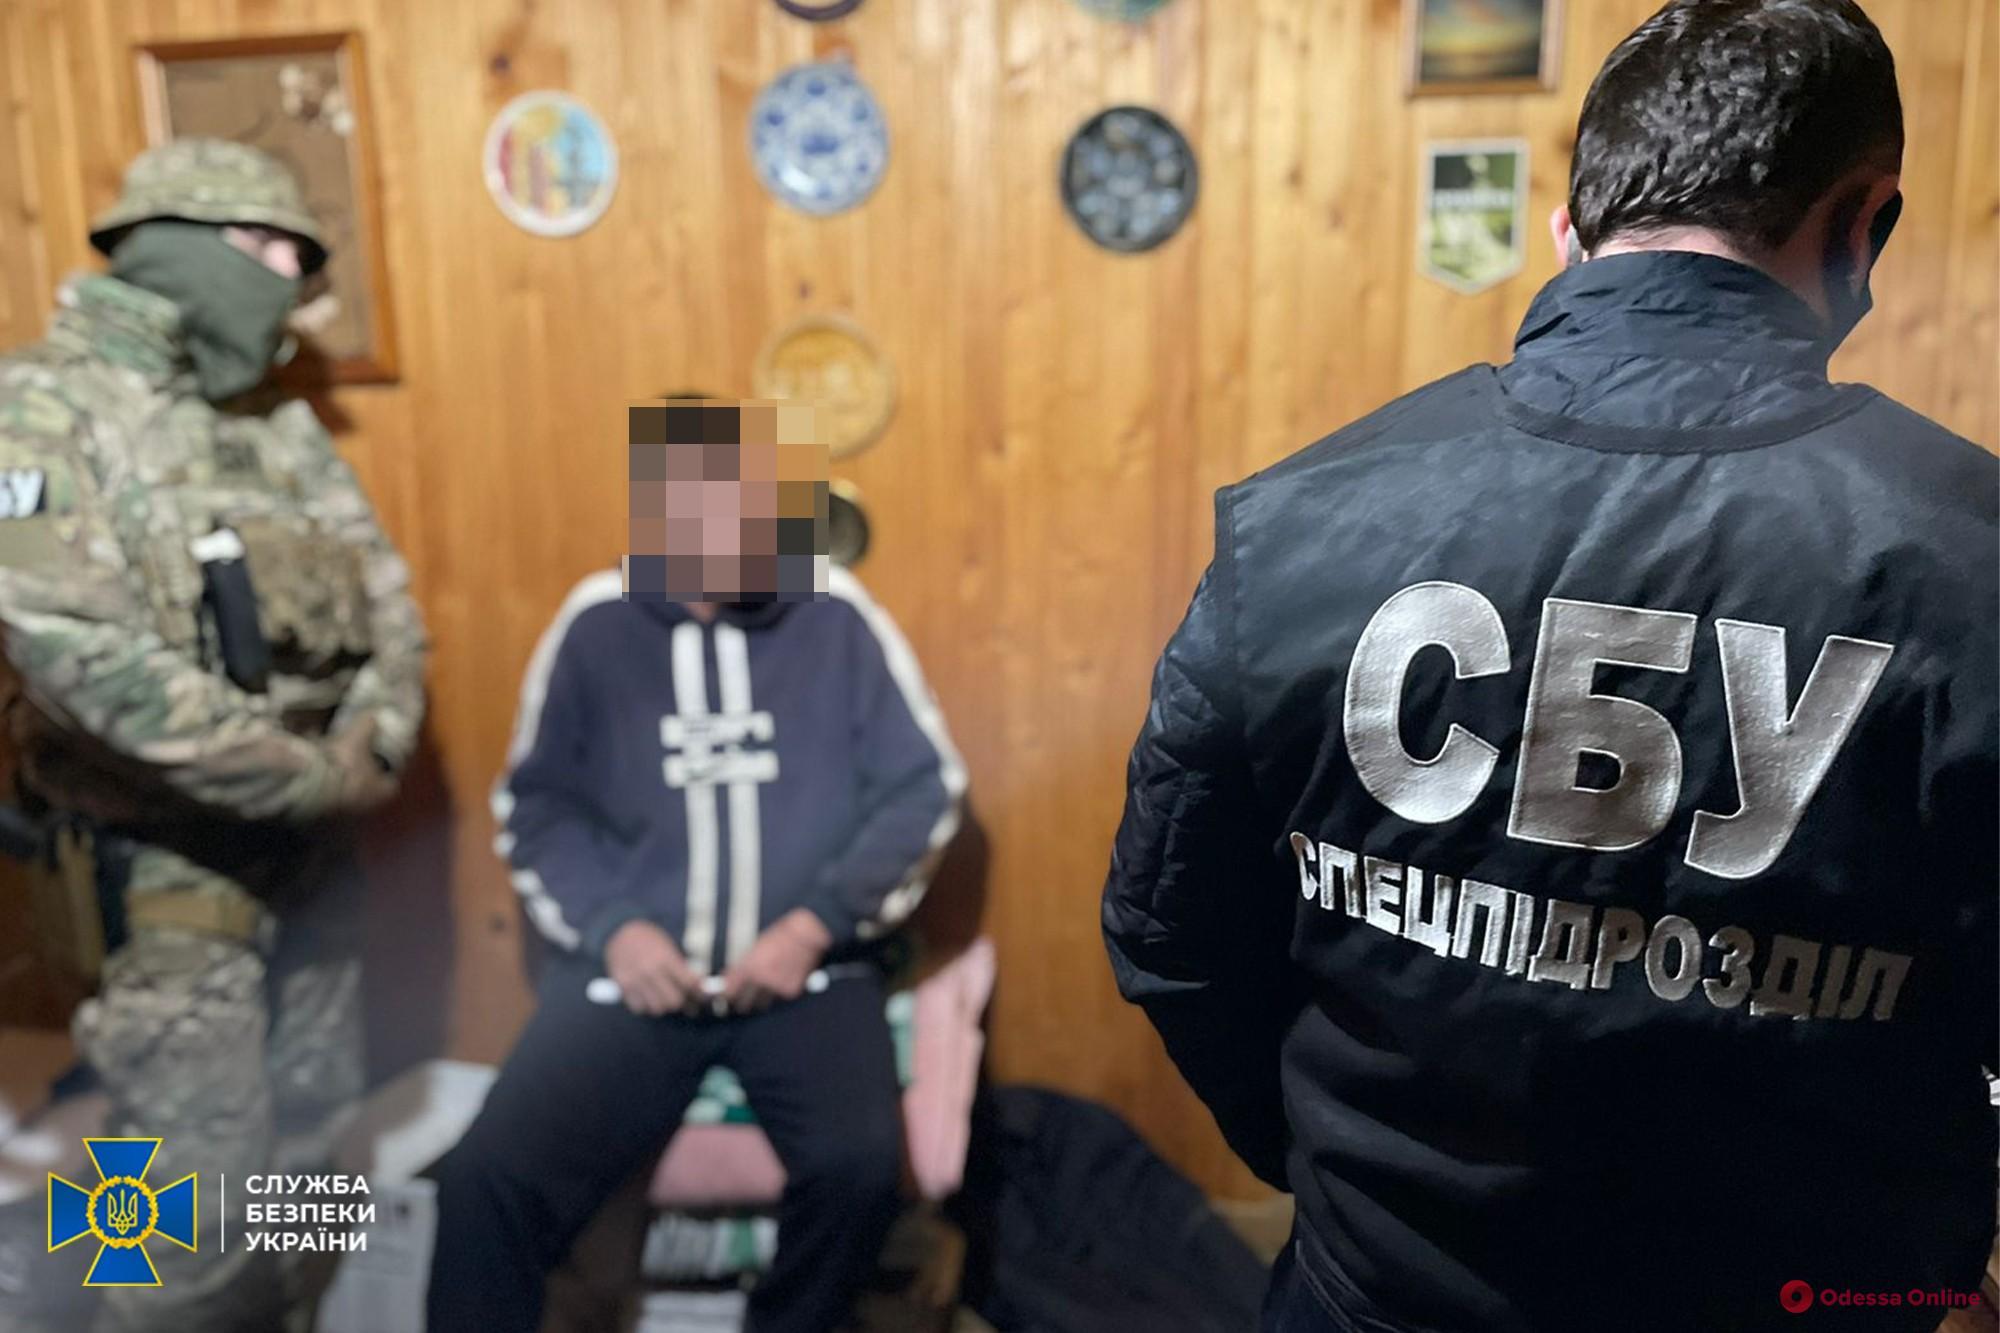 Нанимали моряков для перевозки нелегалов: СБУ ликвидировала преступную группу